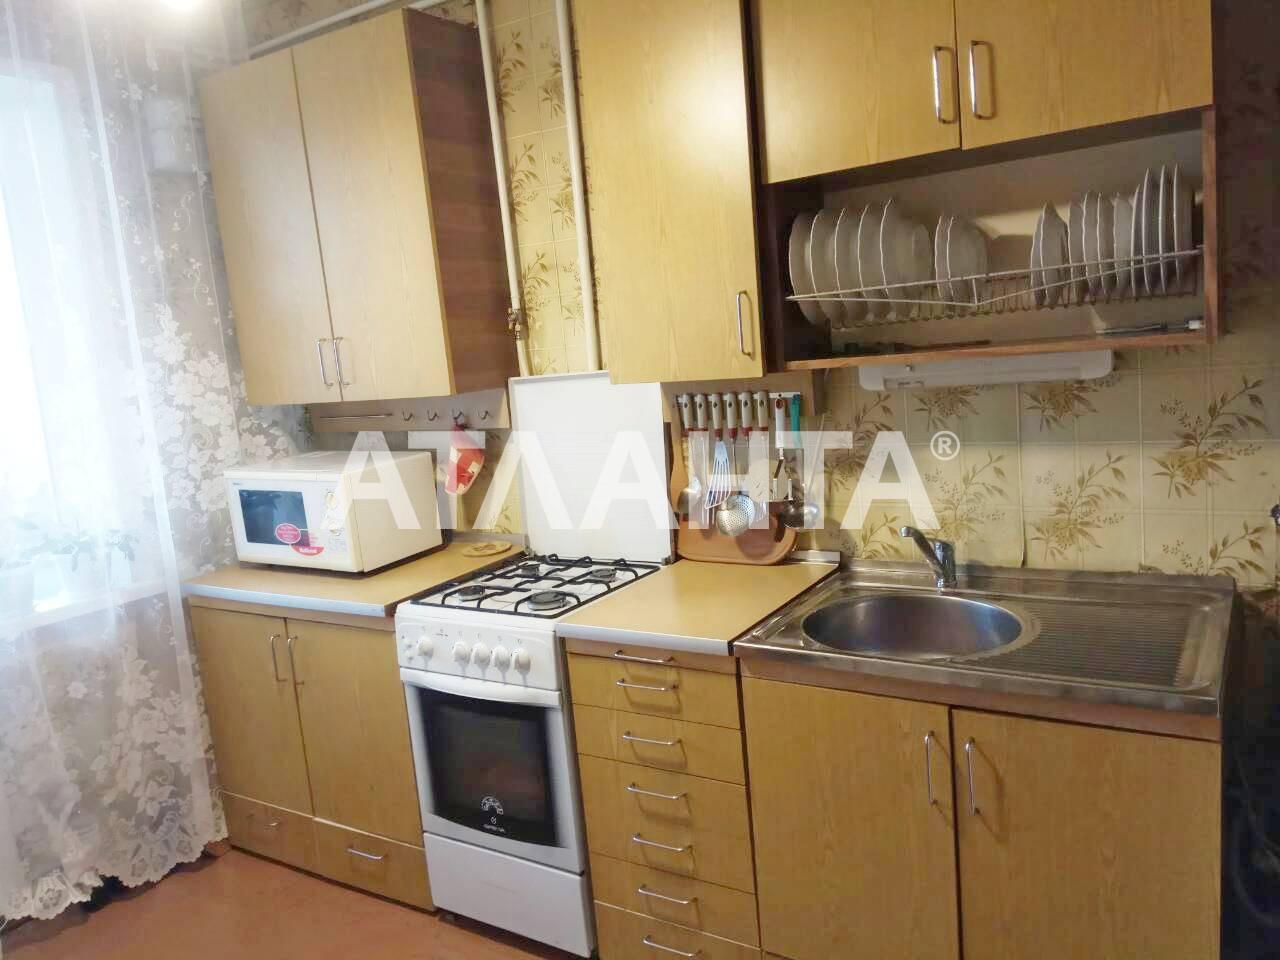 Продается 3-комнатная Квартира на ул. Королева Ак. — 44 000 у.е. (фото №8)